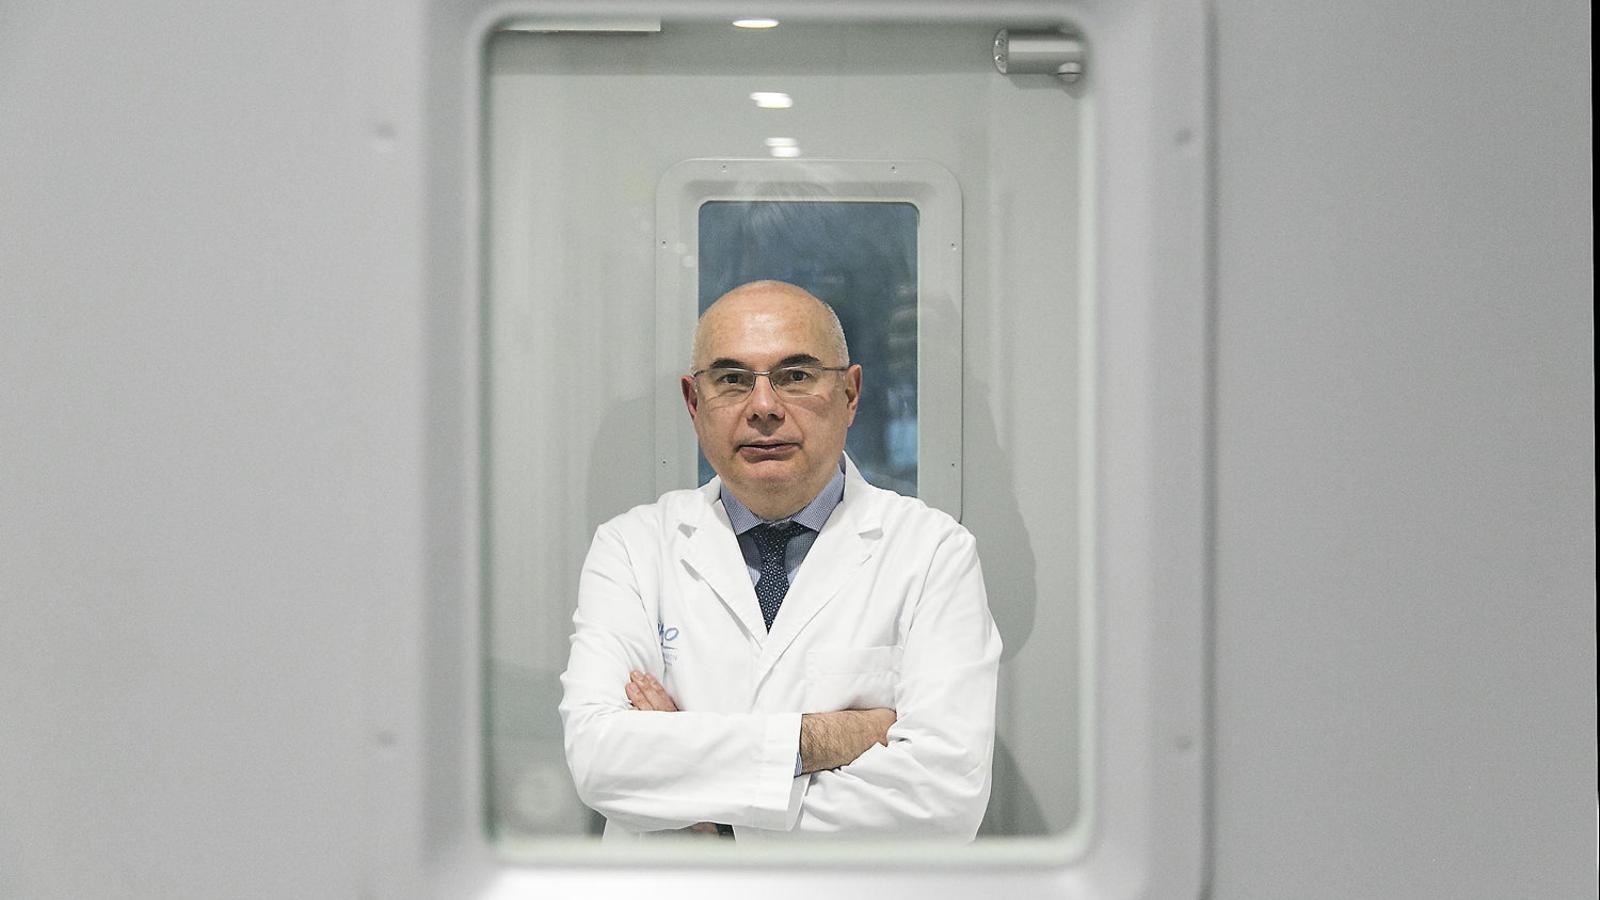 """Josep Tabernero: """"La gent que ha viscut la vida més intensament és qui millor s'adapta a la mort"""""""